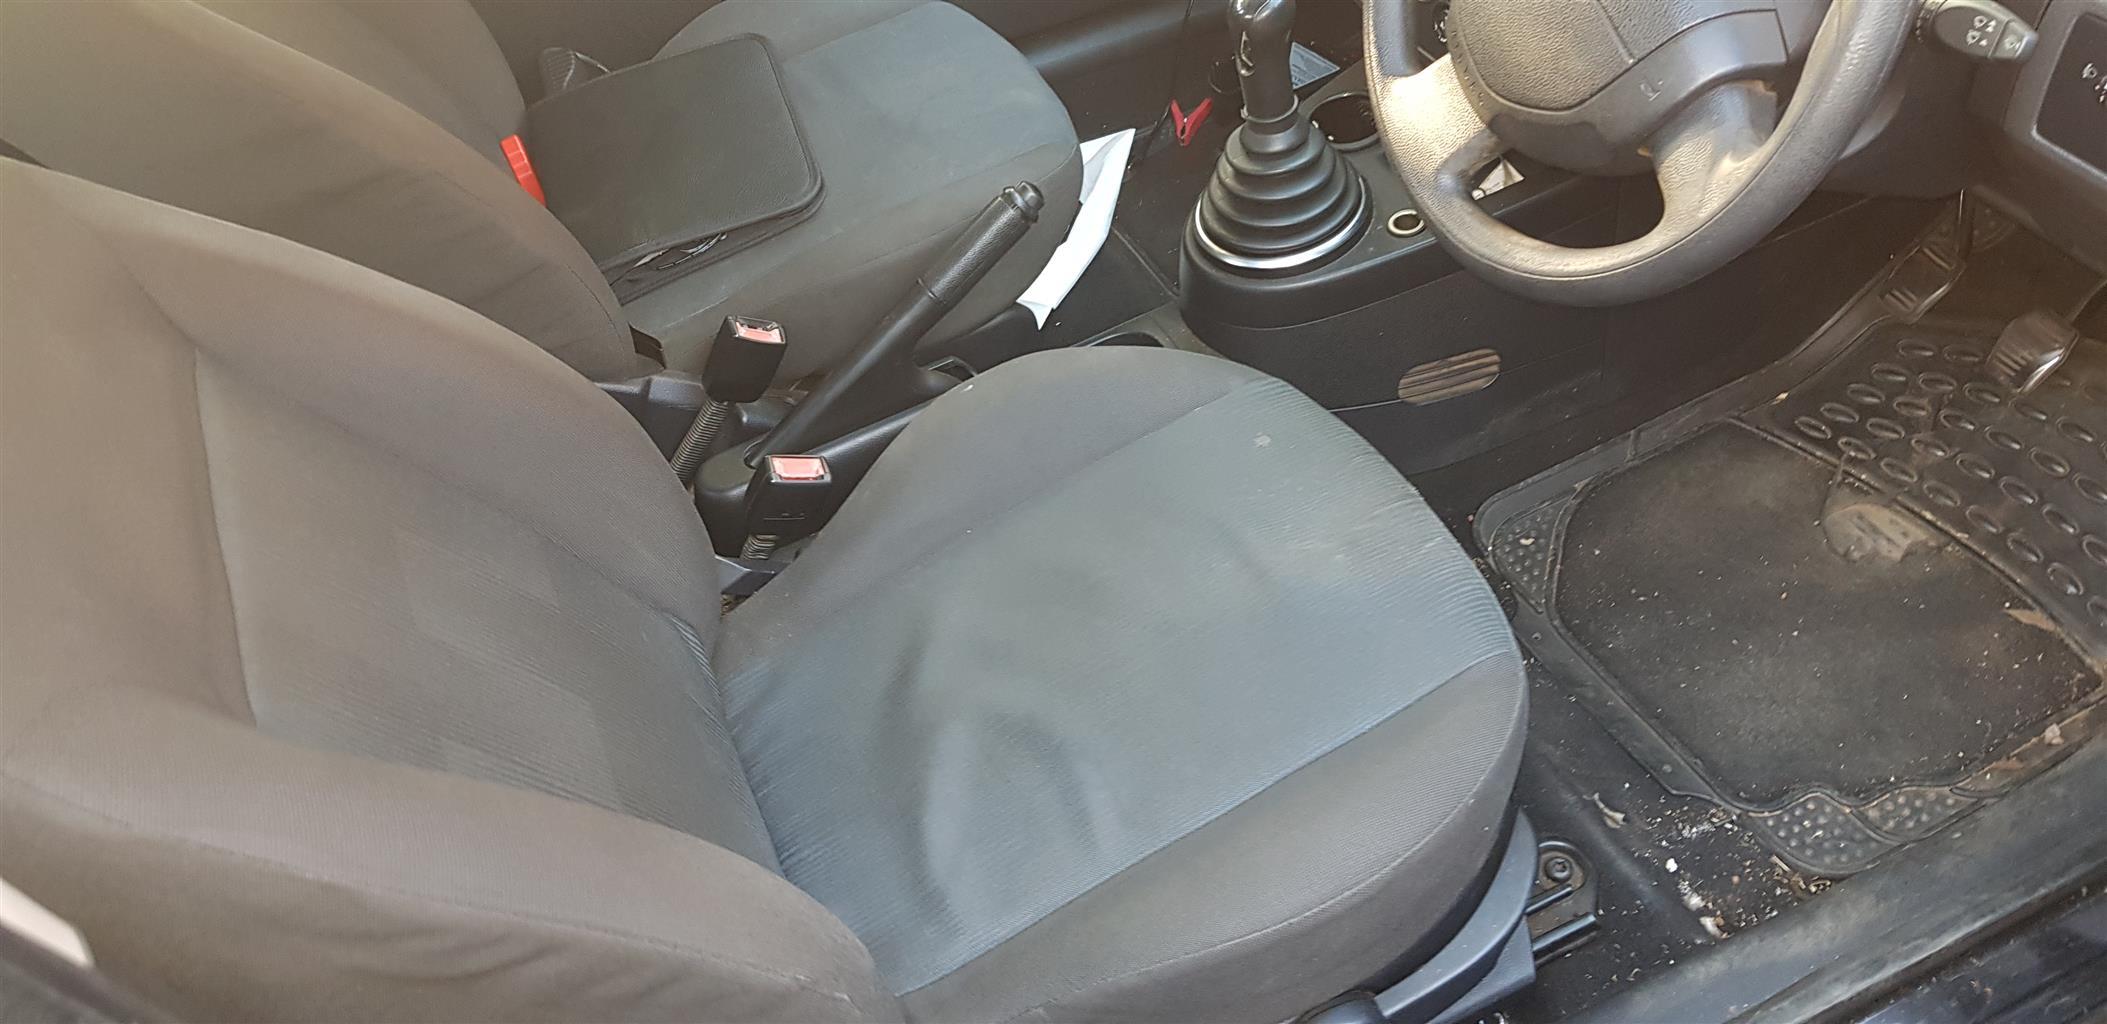 2007 Ford Fiesta 1.4 3 door Titanium